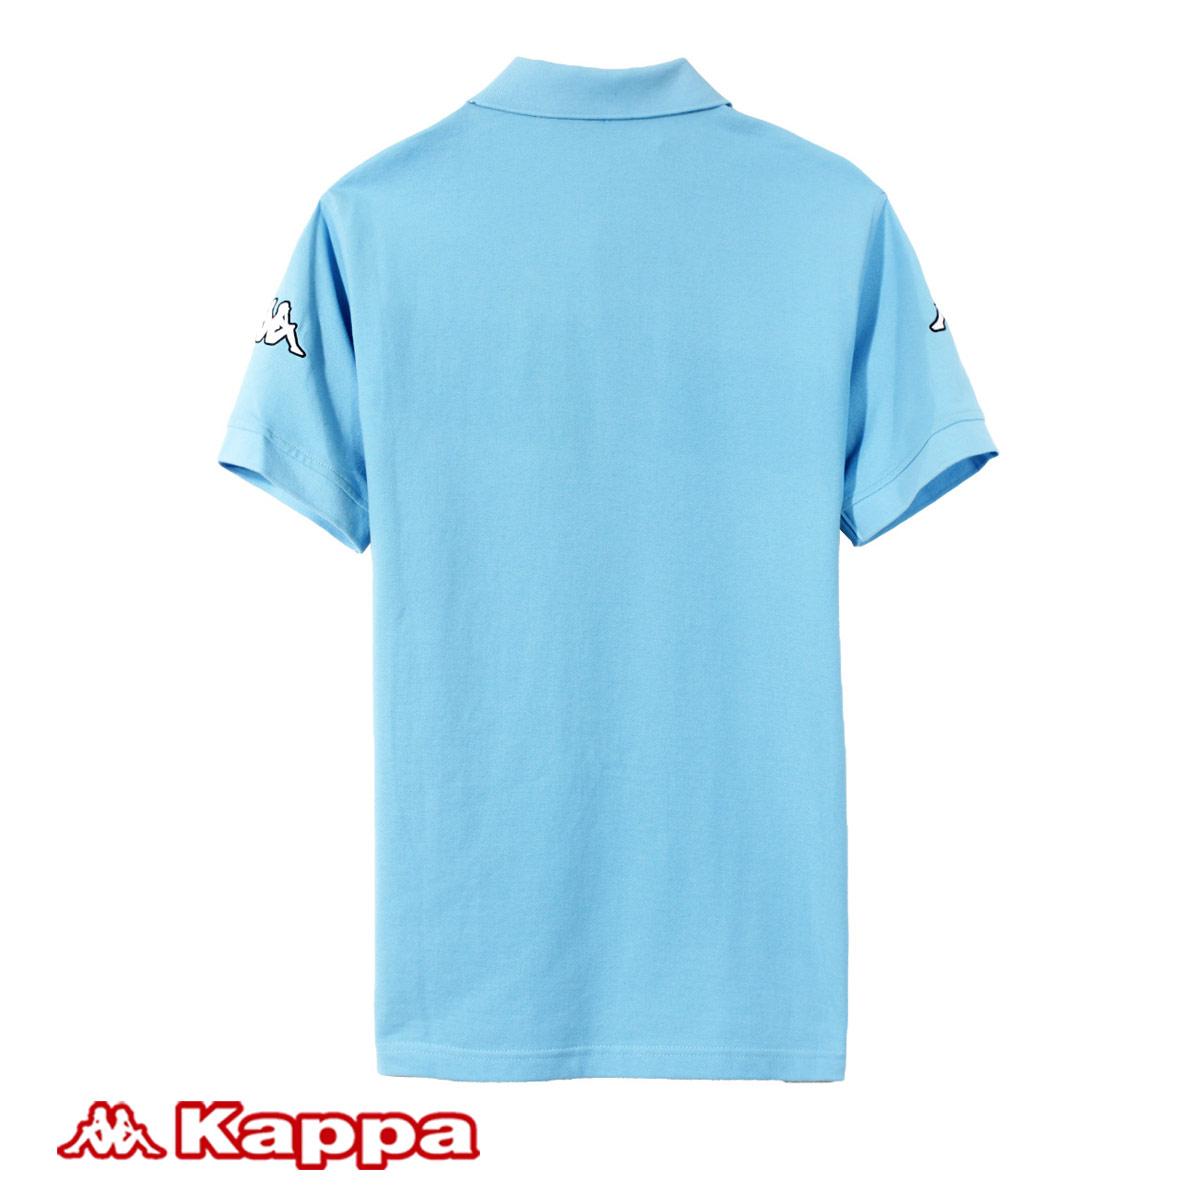 Рубашка поло Kappa k2102pd615/813 POLO K2102PD615-813 Для мужчин Короткие рукава ( ≧35cm )